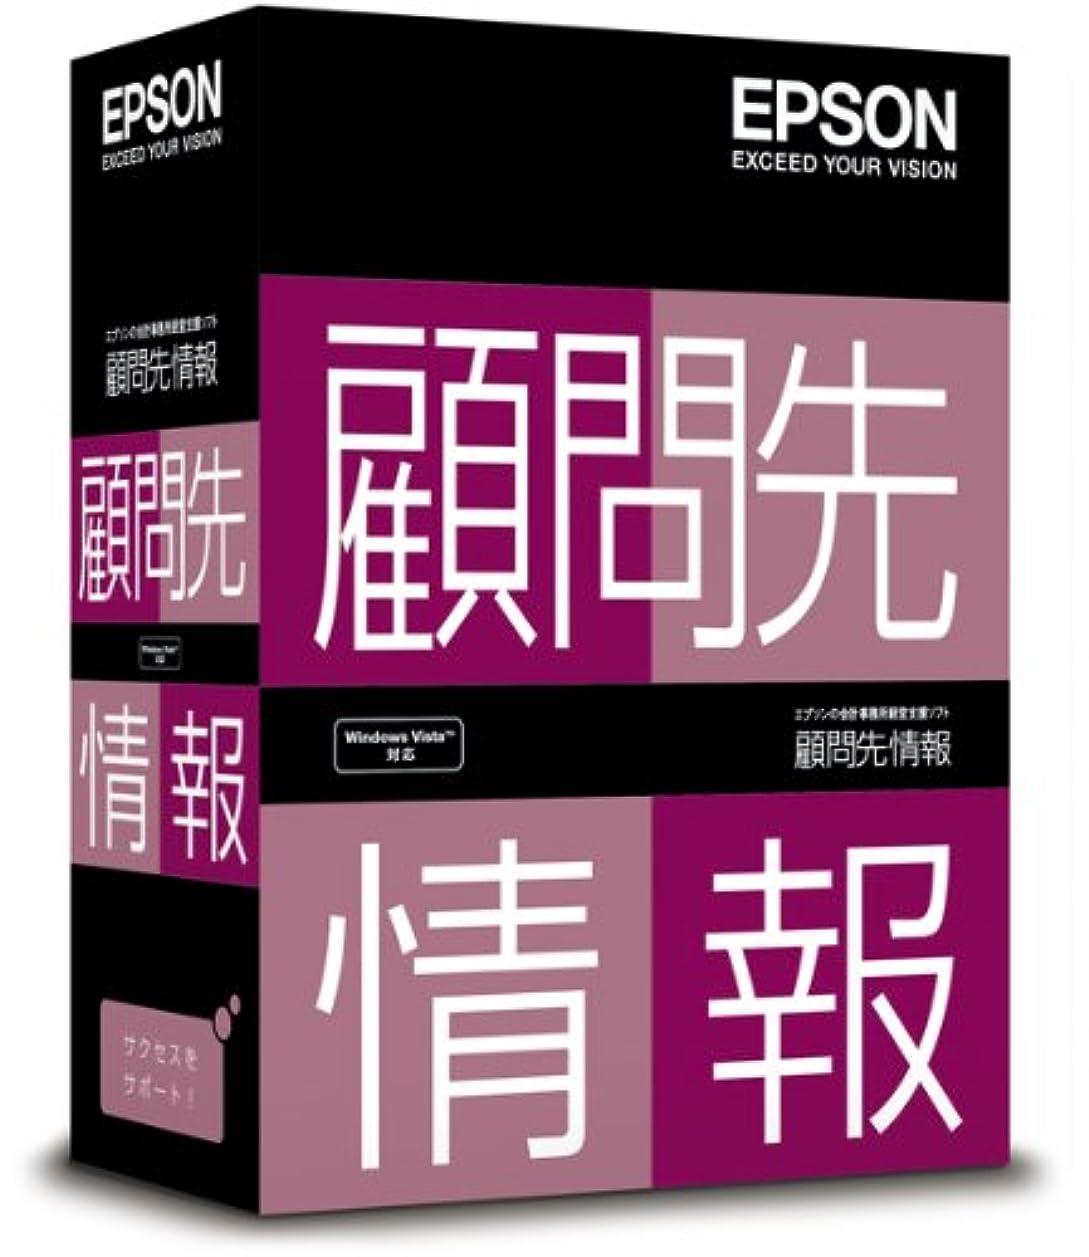 ニンニク予測子できるエプソン 顧問先情報 スタンドアロン版 Ver.3.20